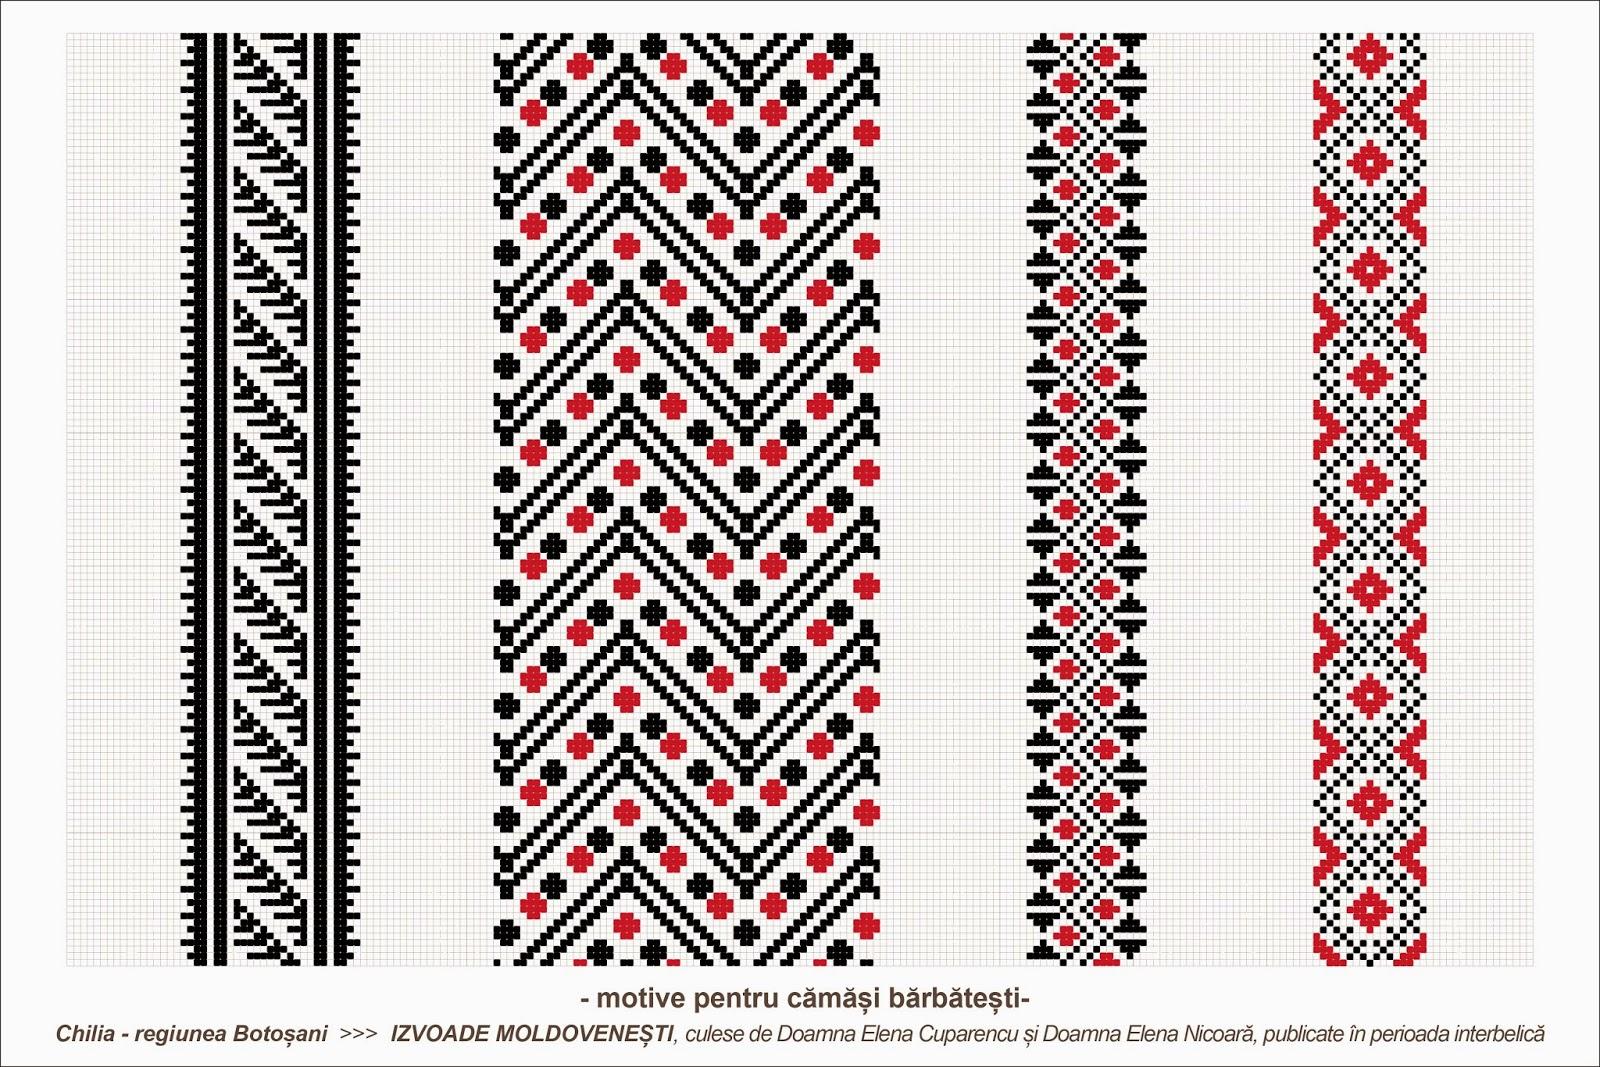 Semne cusute octombrie 2013 - Beautiful romanian folk motifs ...